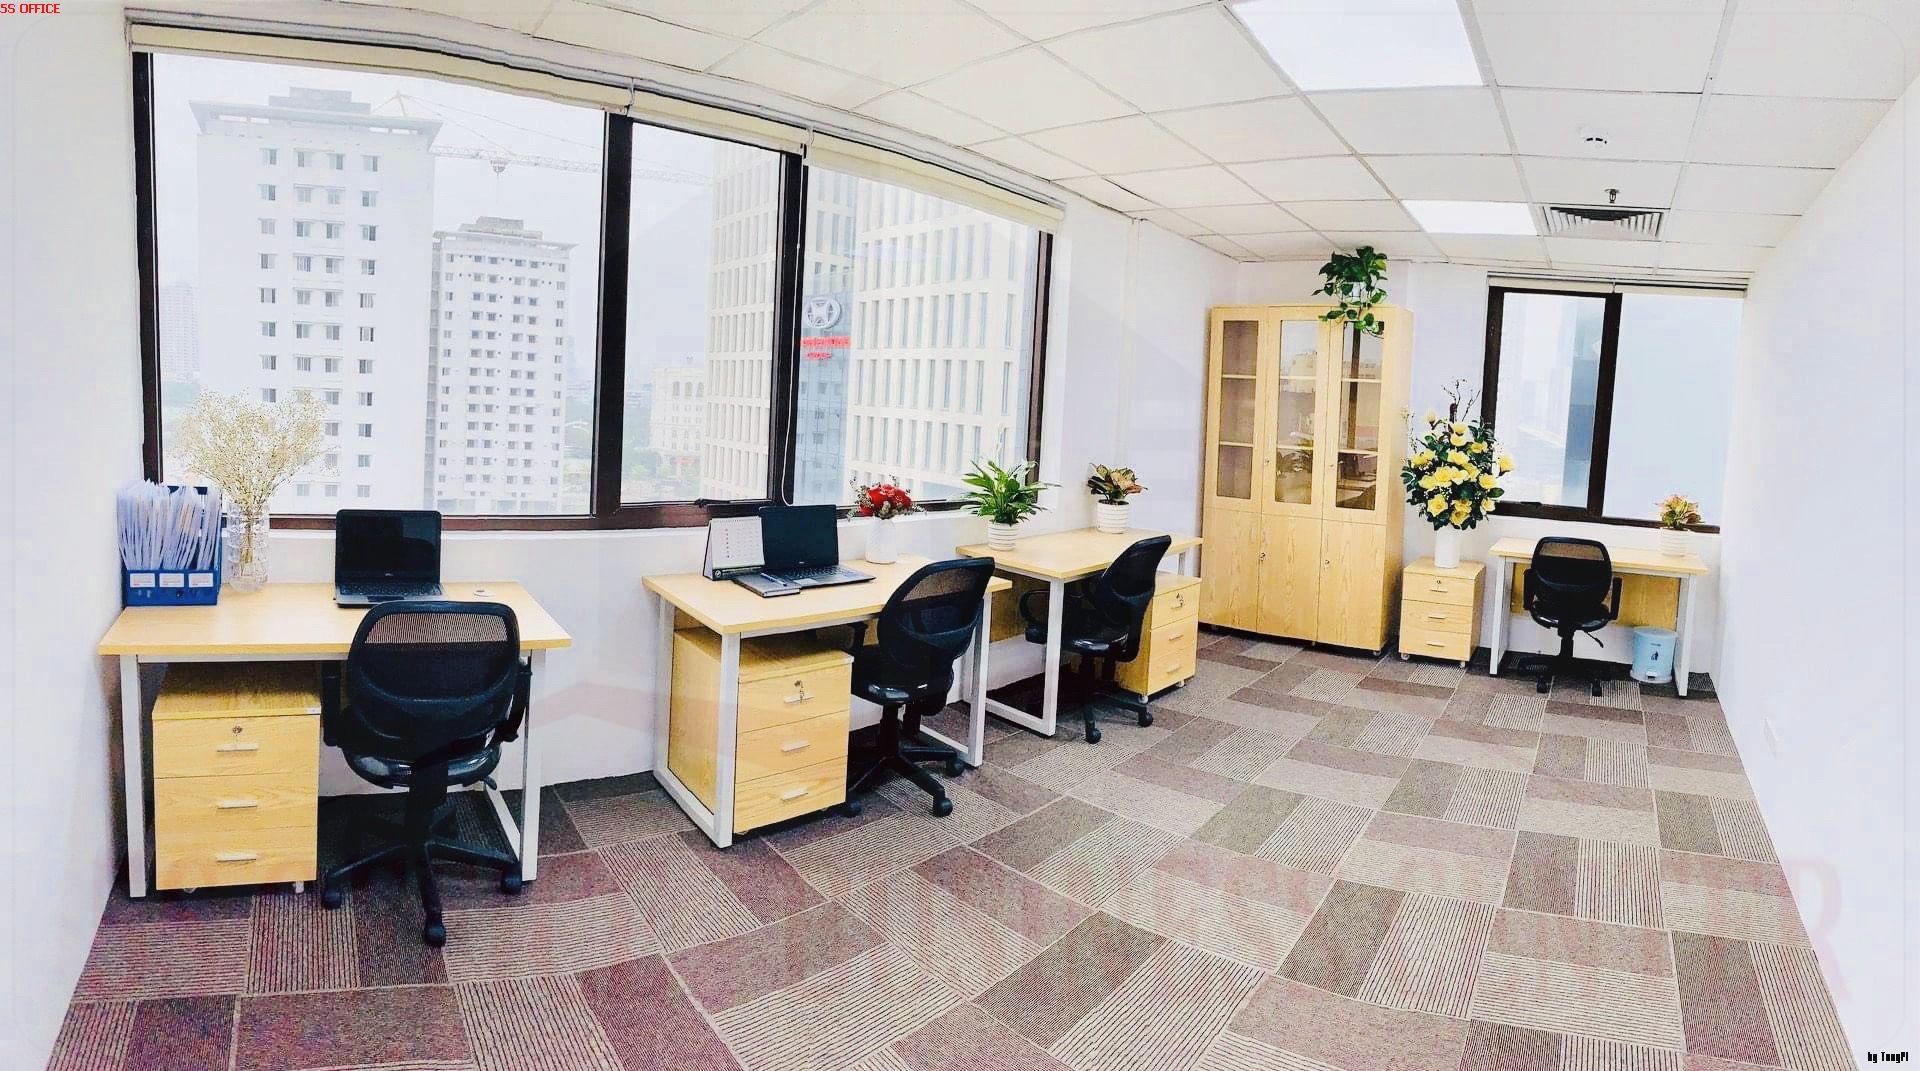 Cho thuê văn phòng ảo tại Cầu Giấy, Hà Nội